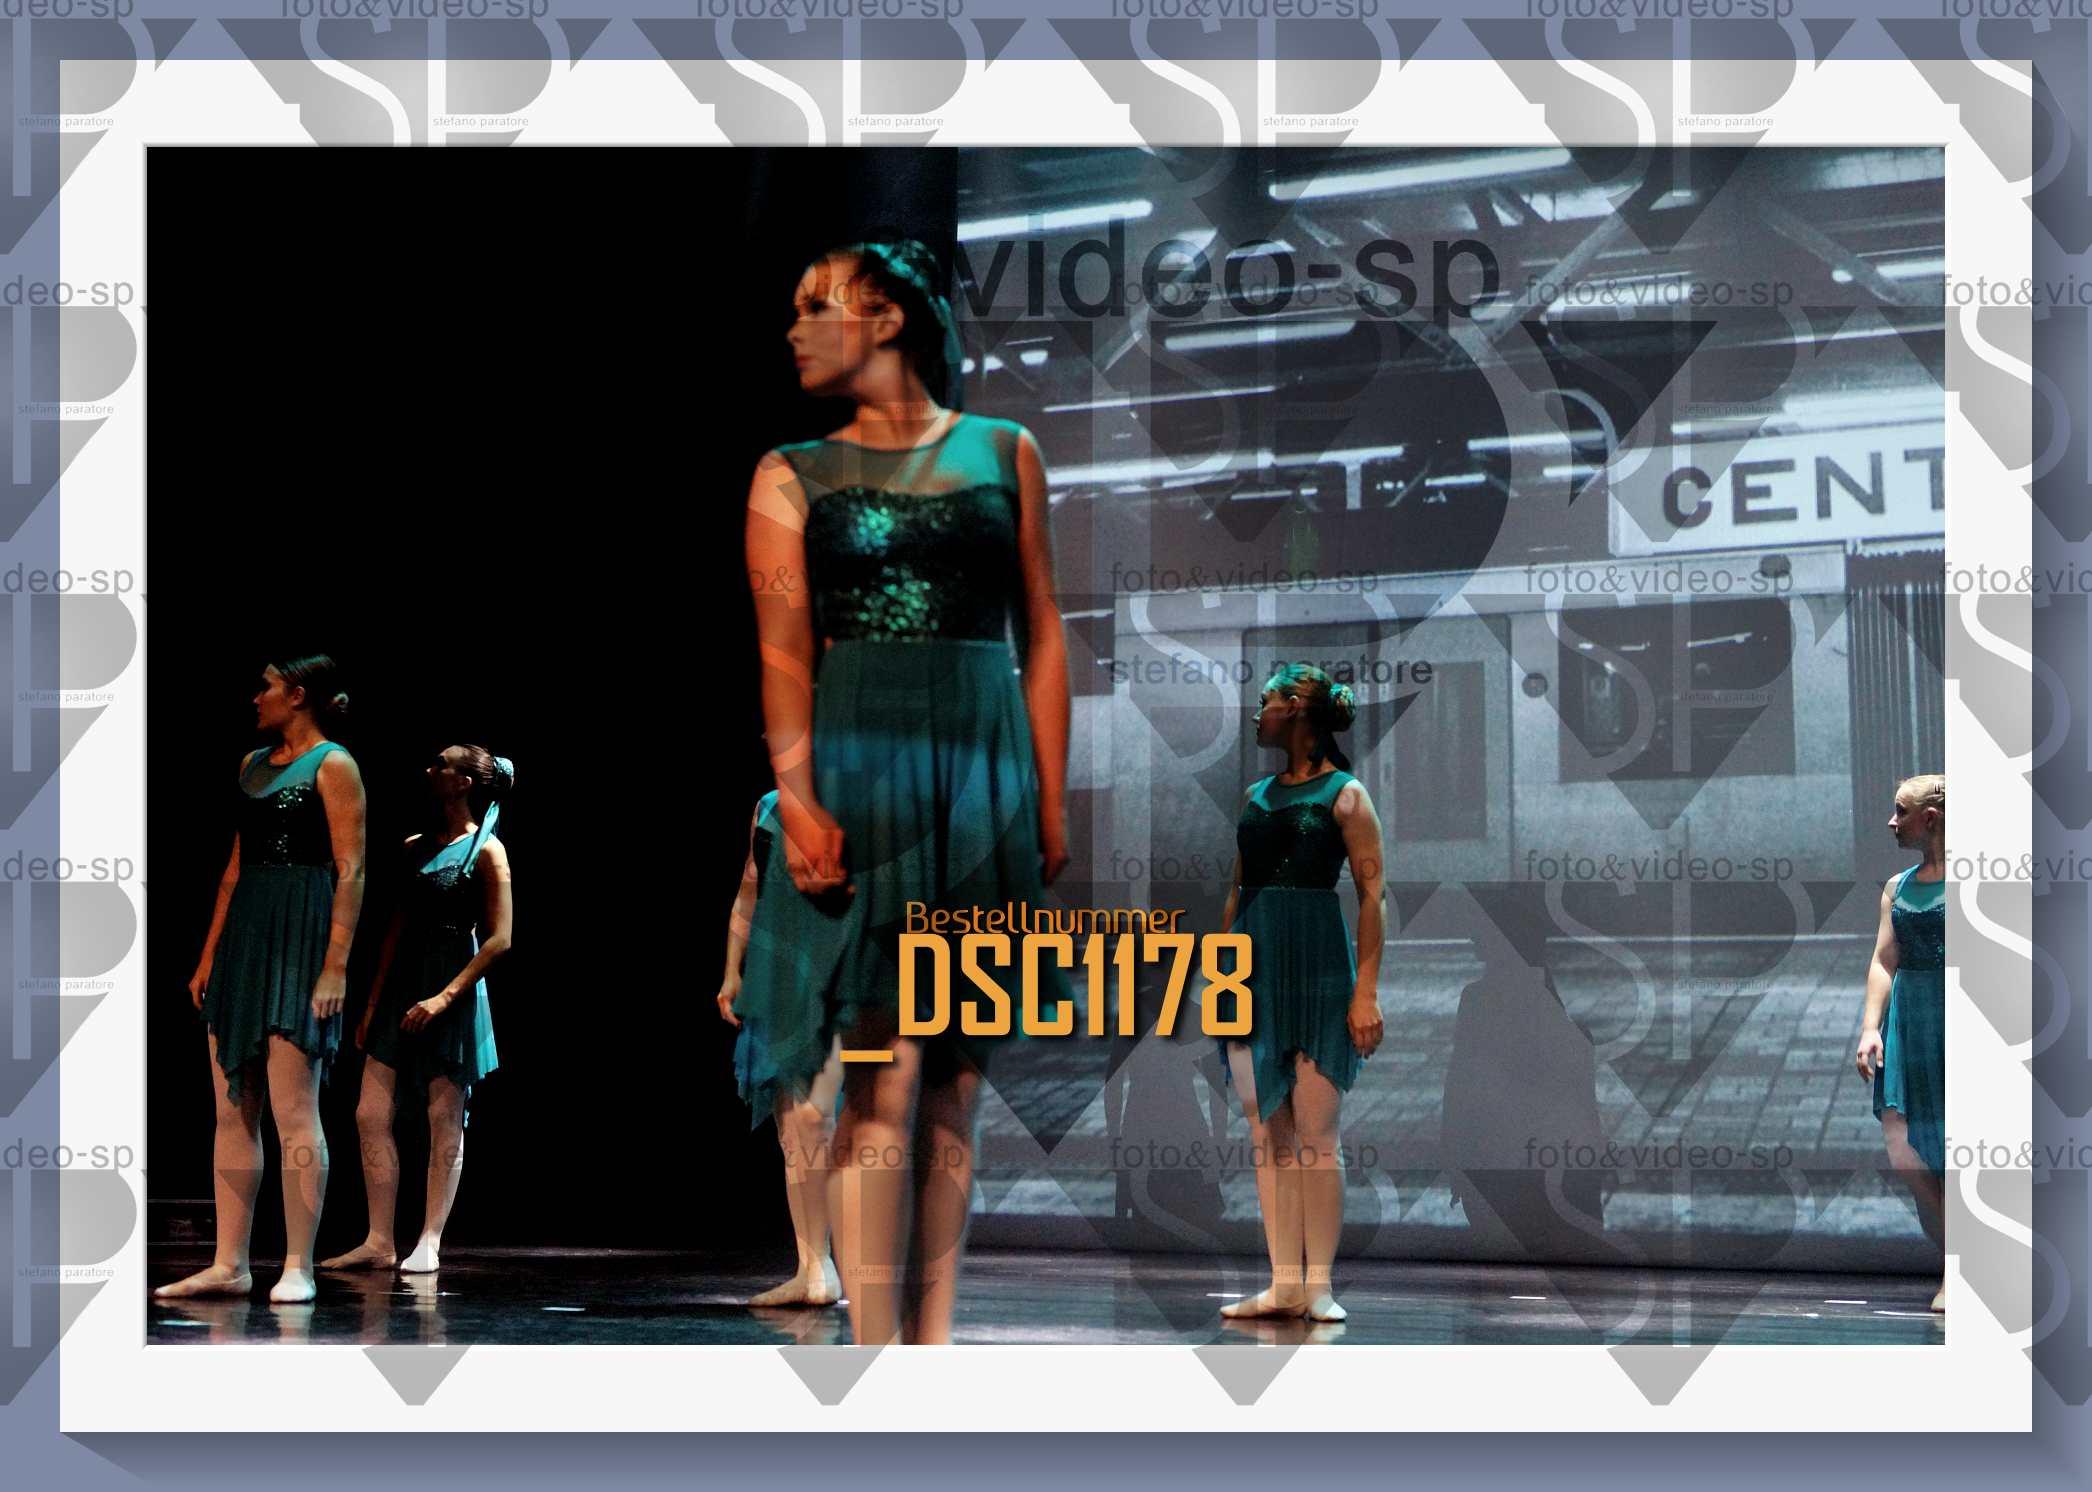 DSC1178